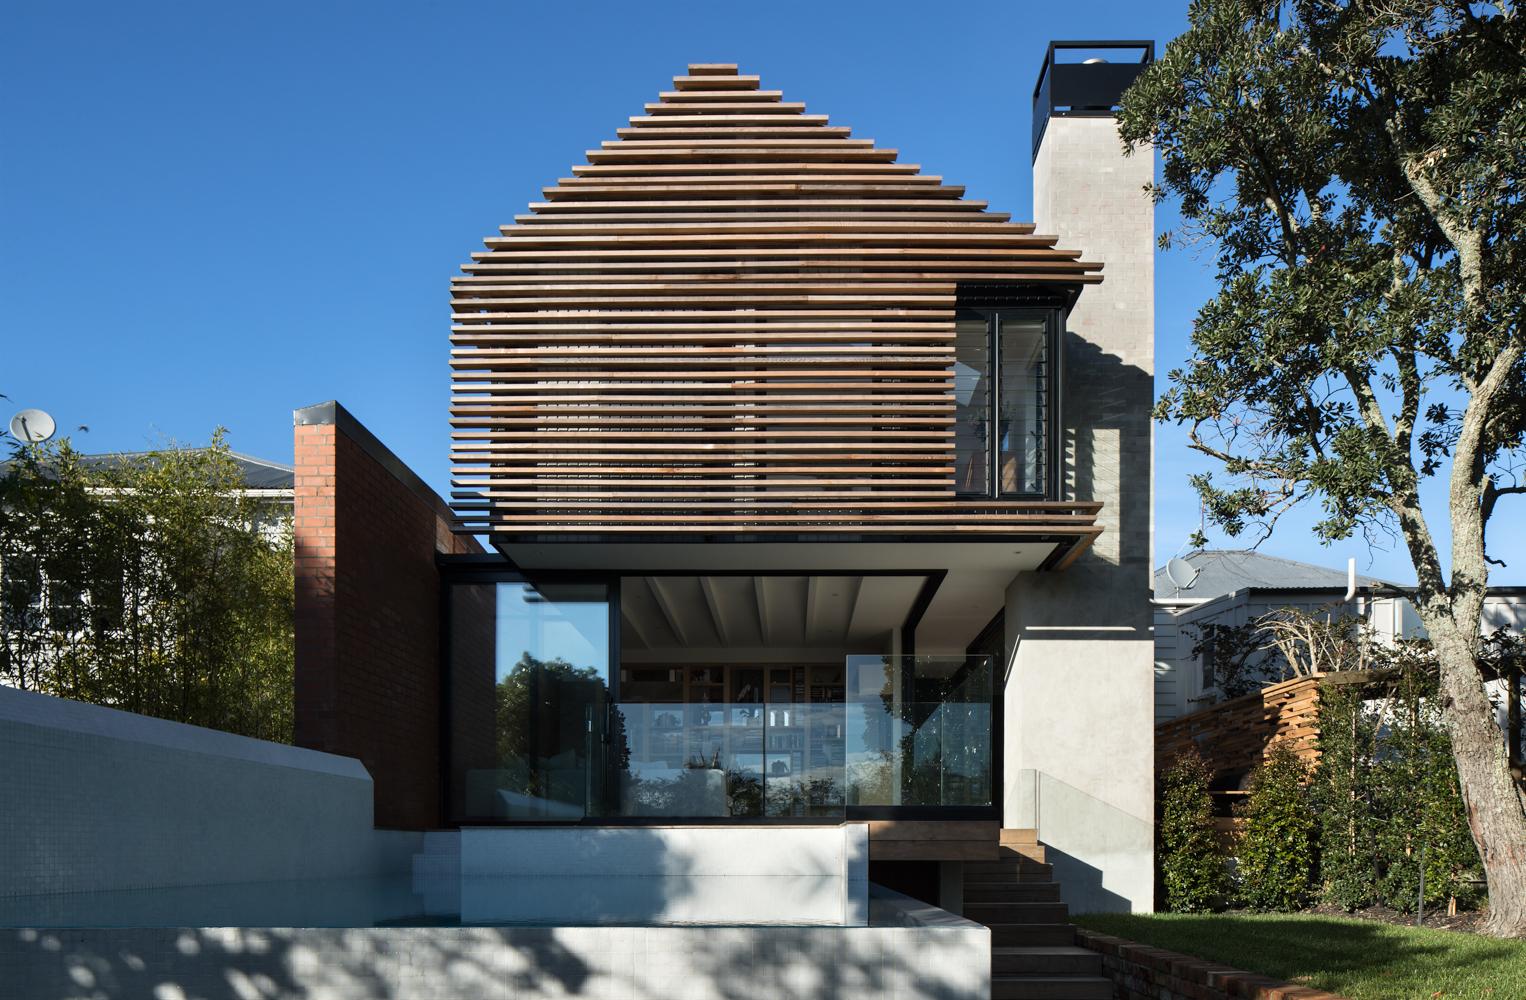 tree-villa-matter-the-design-emotive-14.jpg